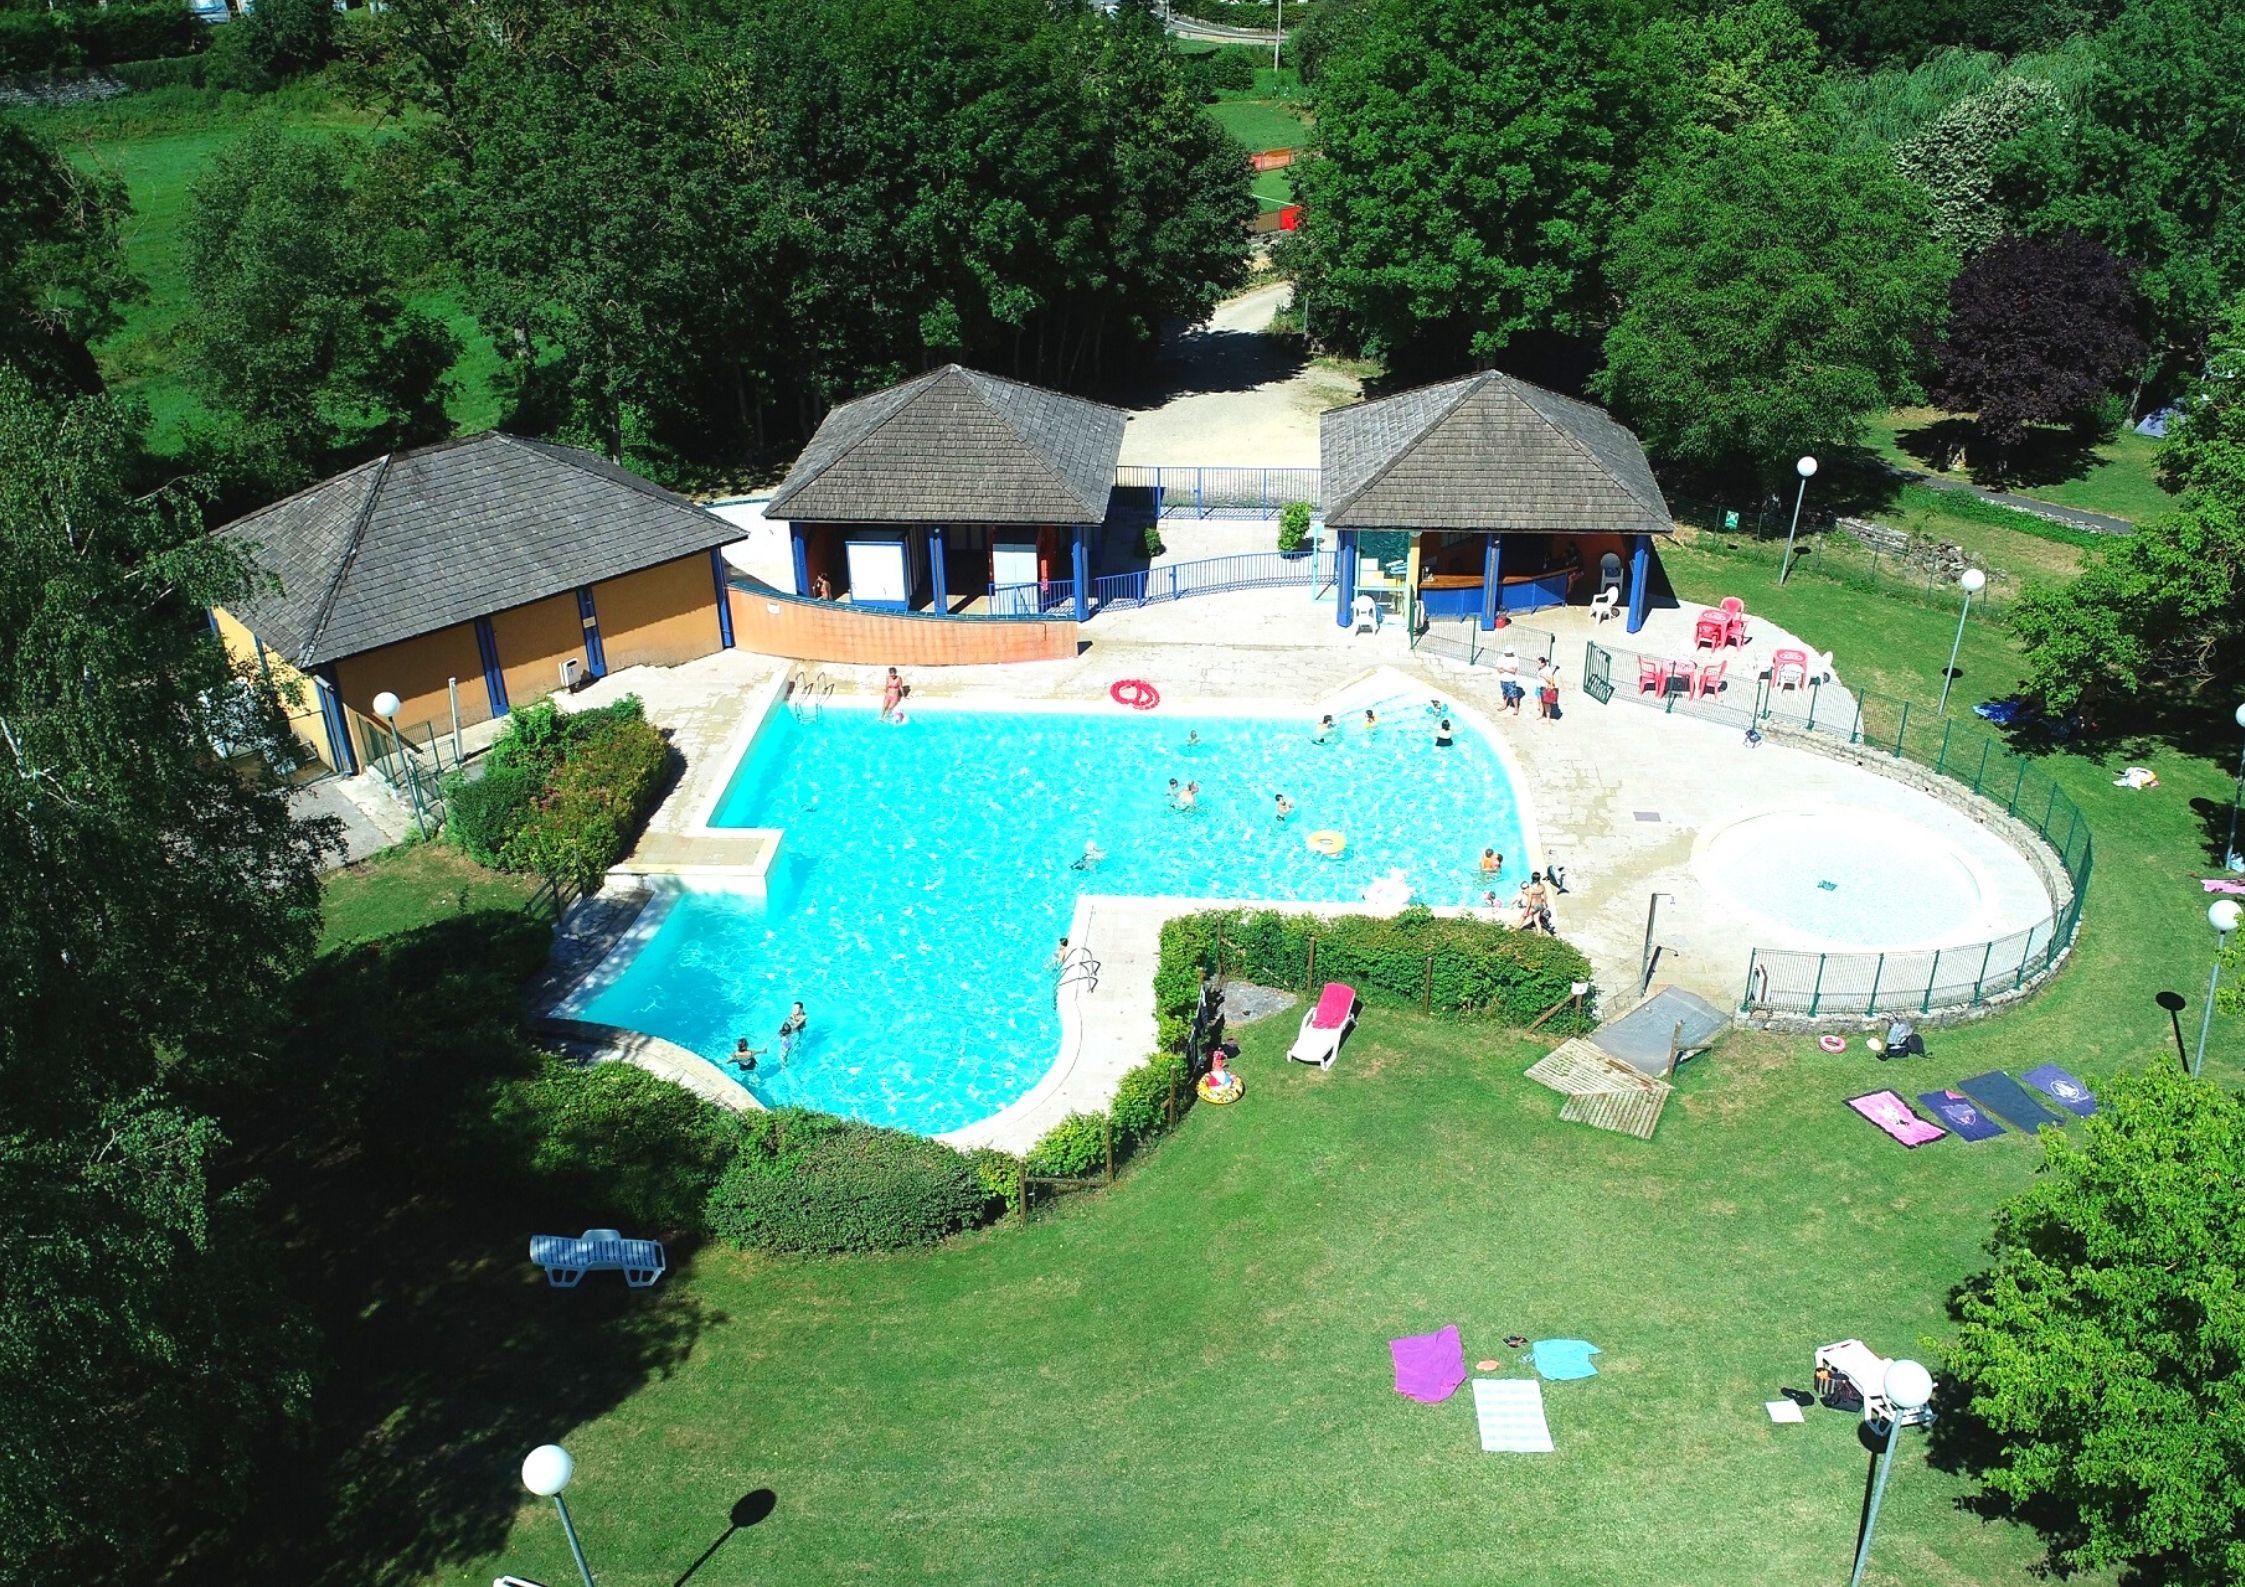 La piscine du Camping de Chanac par vue aérienne